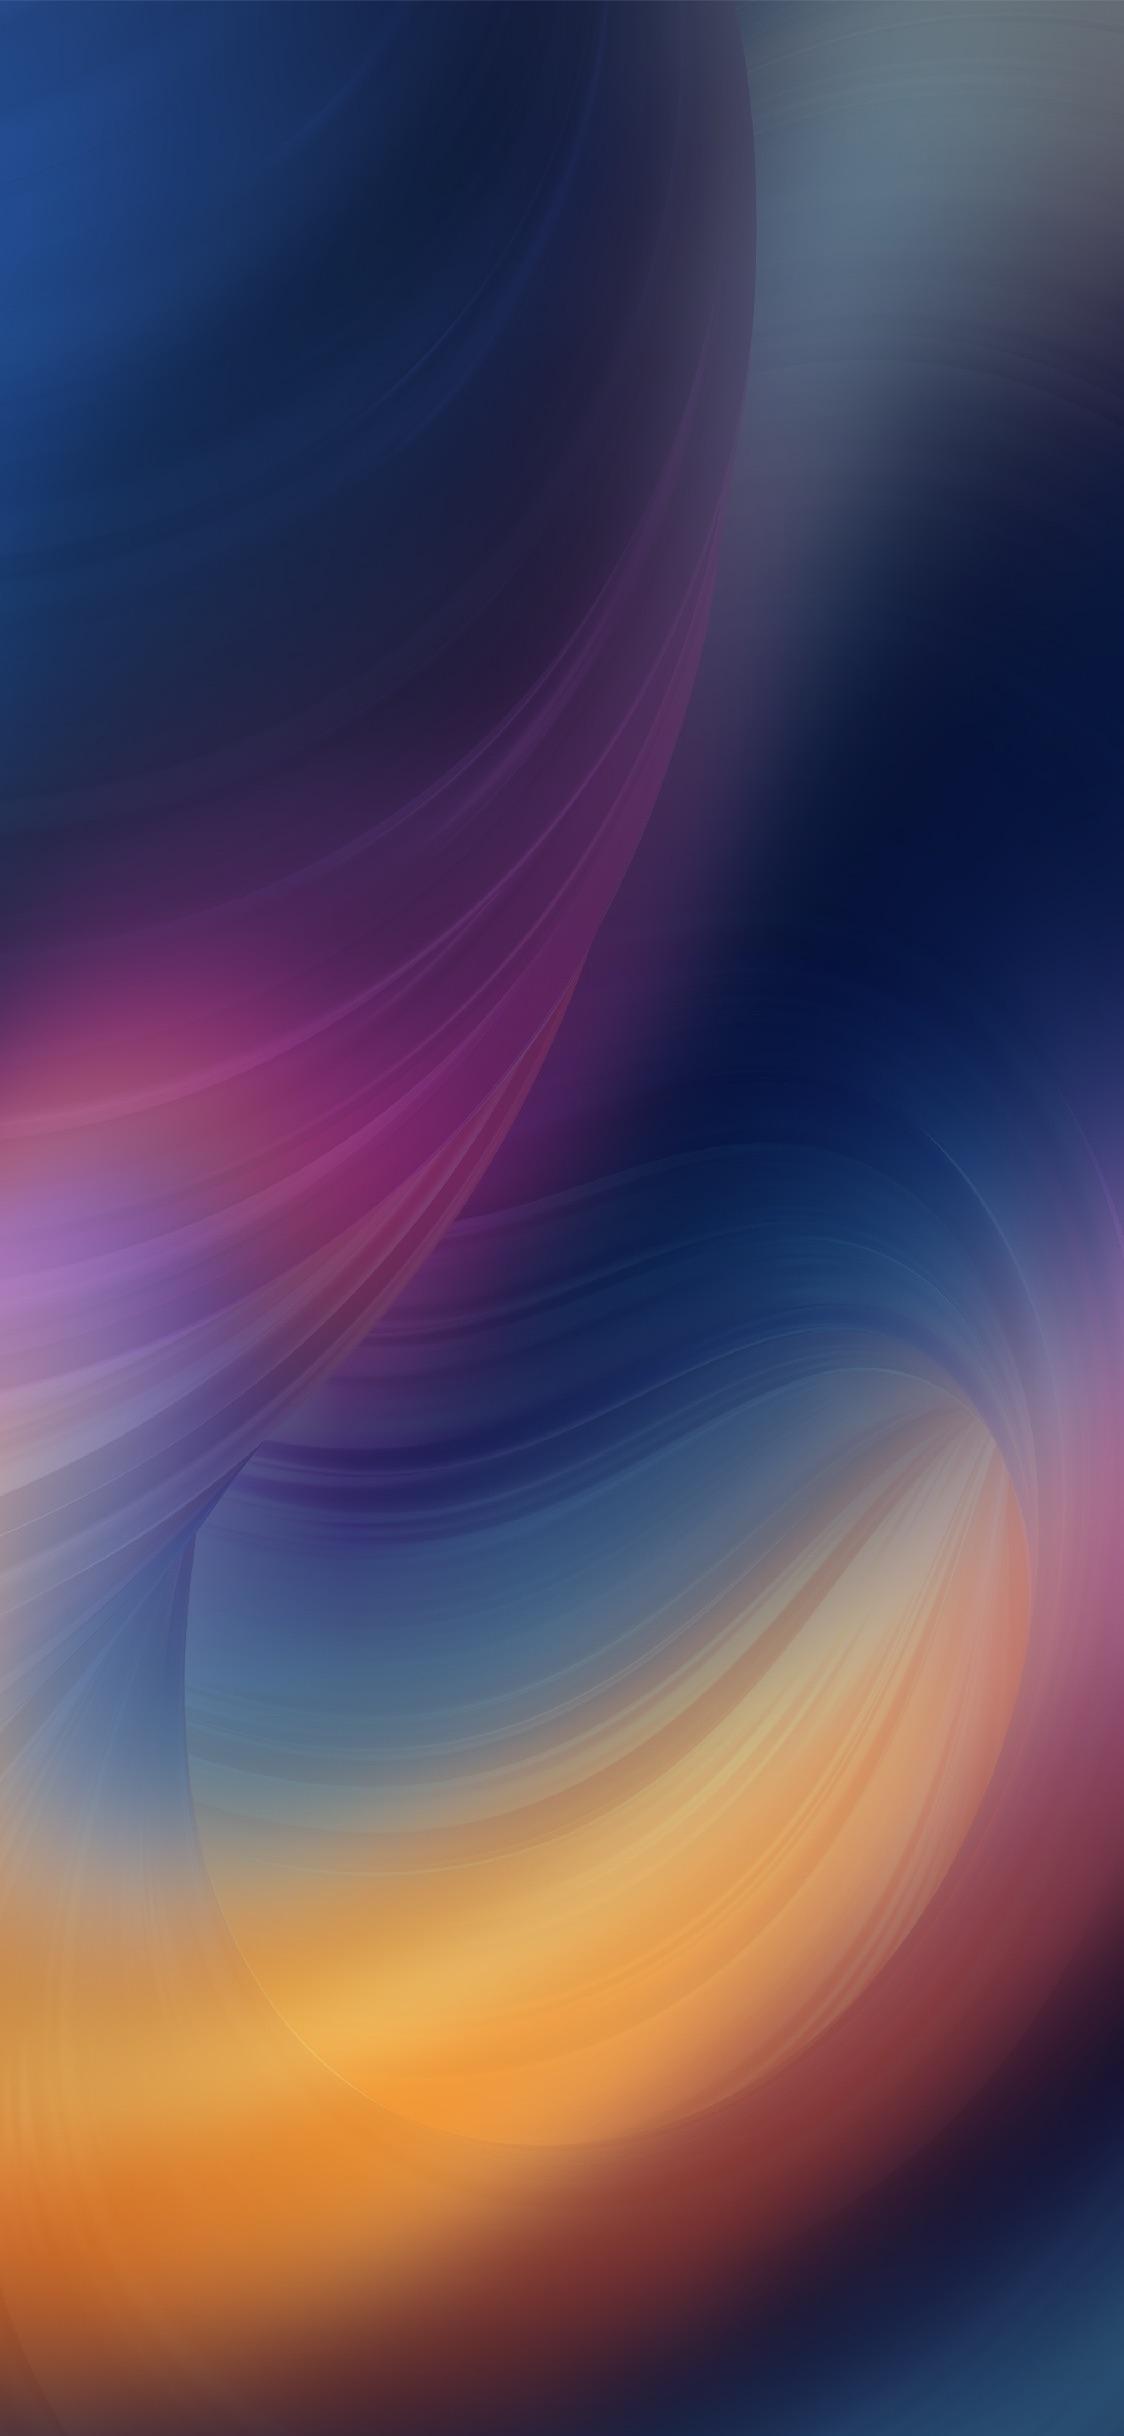 新闻资讯_iPhone X 原生壁纸 高清版 分享 下载 | 雷锋源中文网